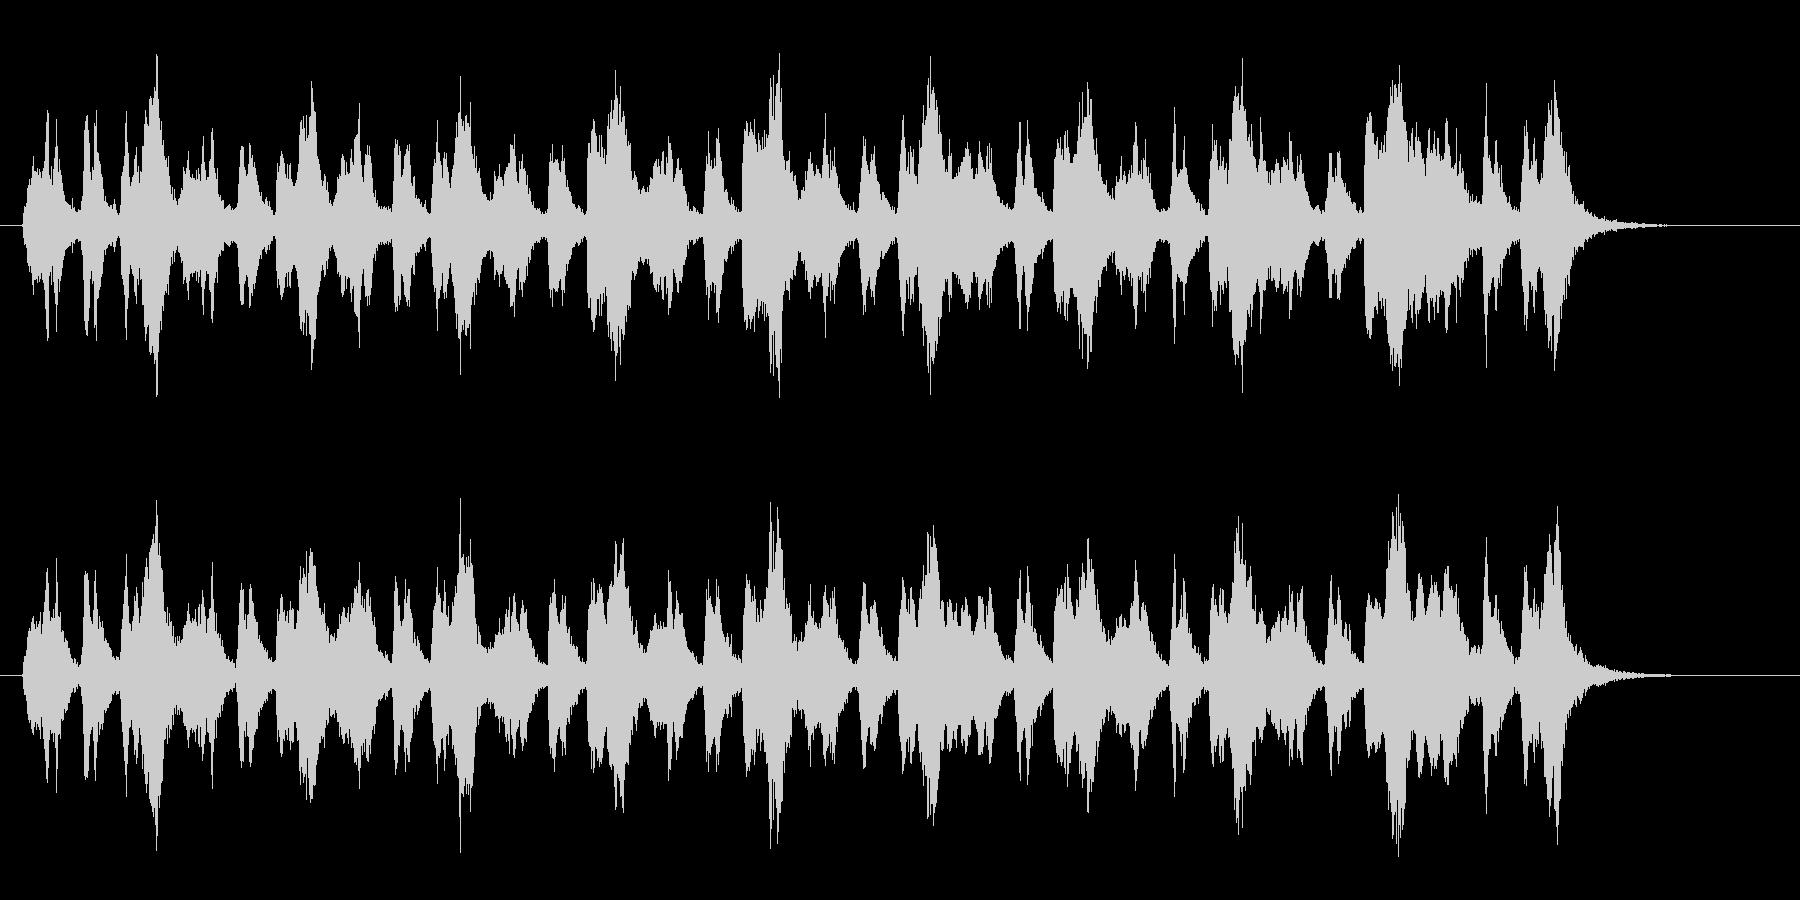 浮遊感のあるアナログ・シンセサウンドの未再生の波形